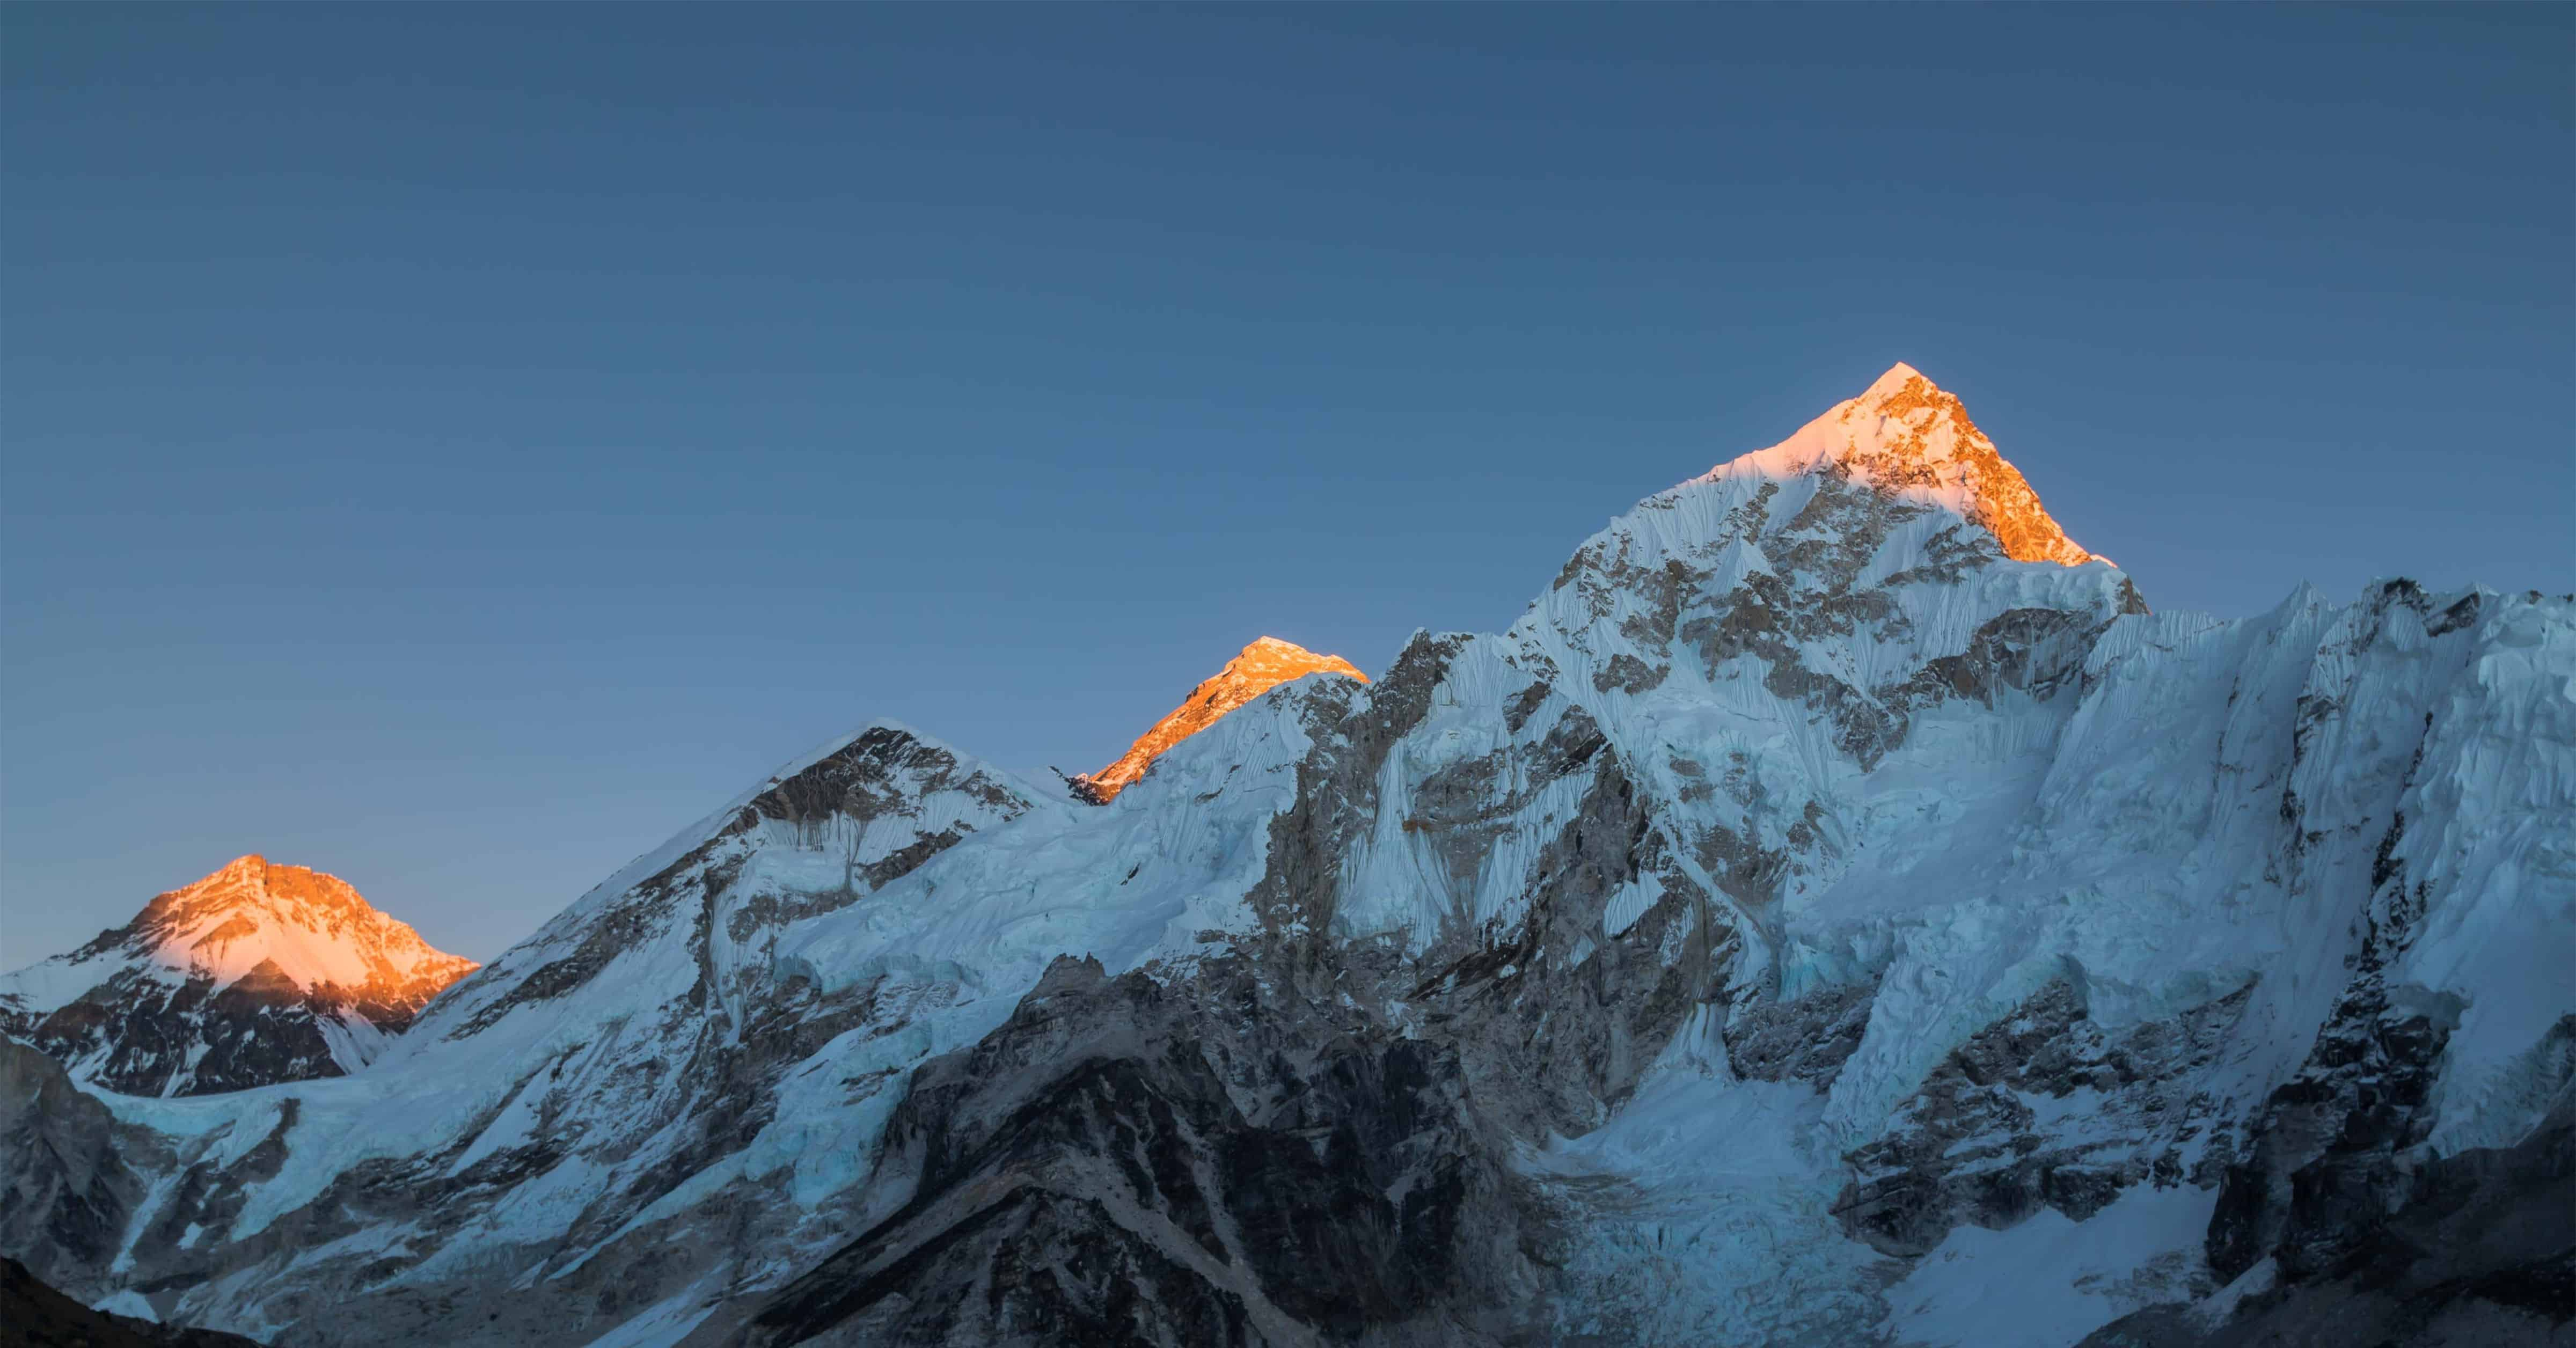 The Millennial Perspective: Climbing Everest